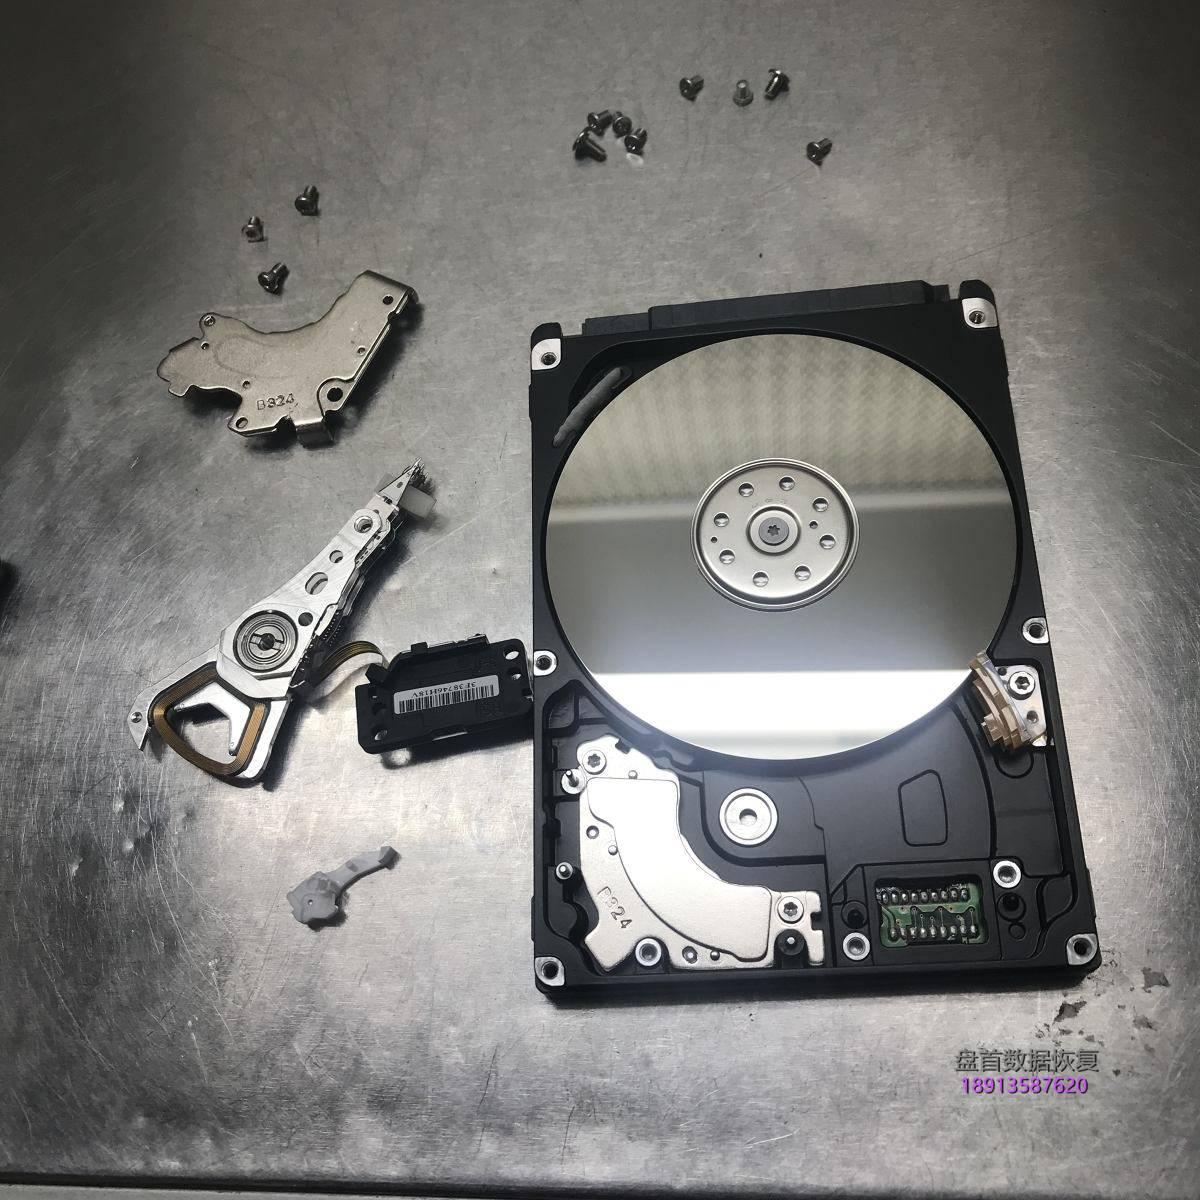 希捷1TB移动硬盘磁头卡死导致电机无法启动ST1000LM024开盘数据恢复成功